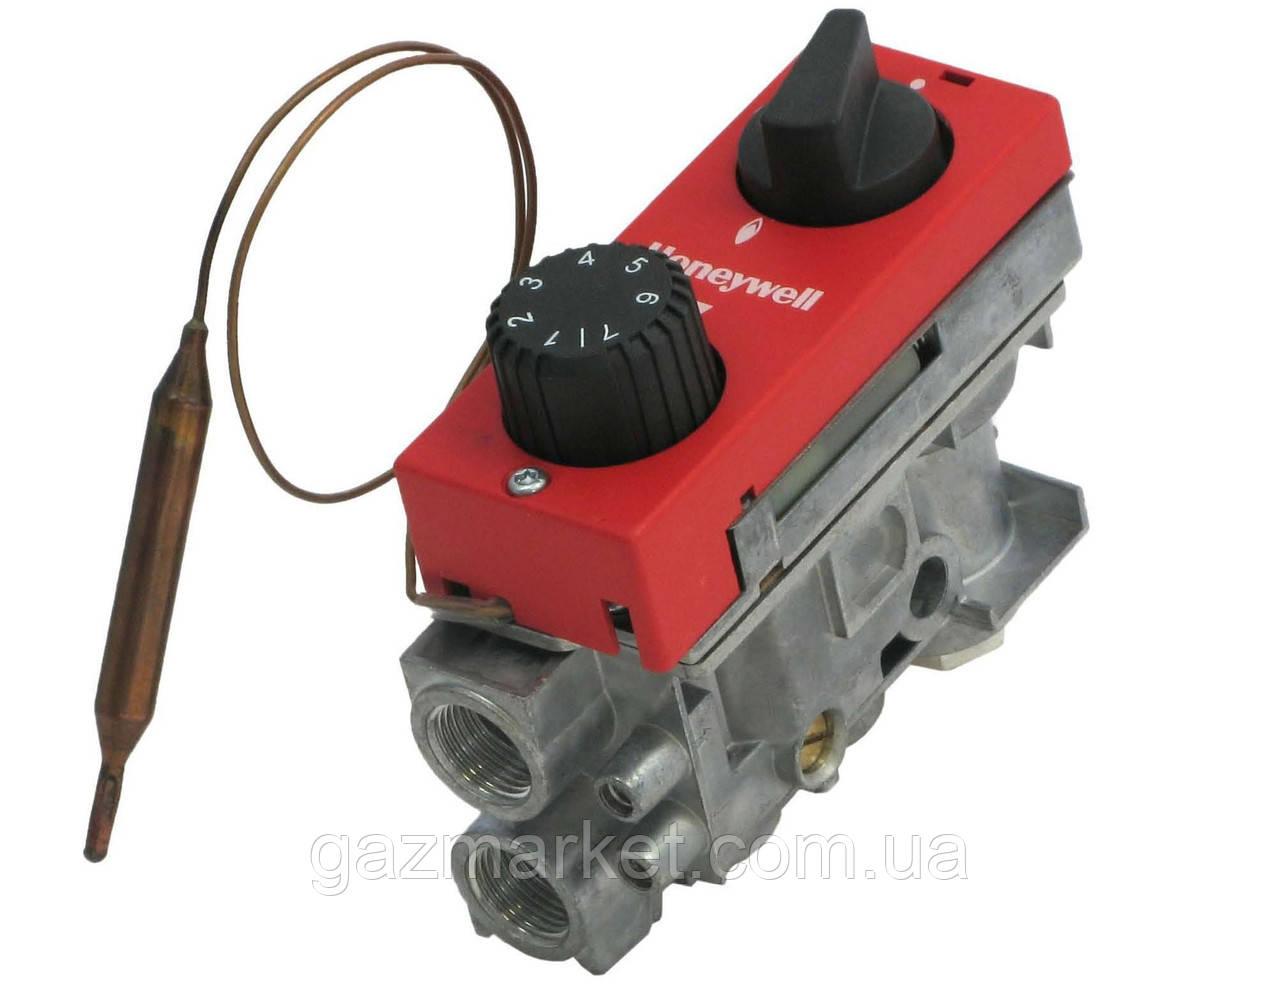 комбинированый газовый клапан honeywell v5474 g1046 1 инструкция